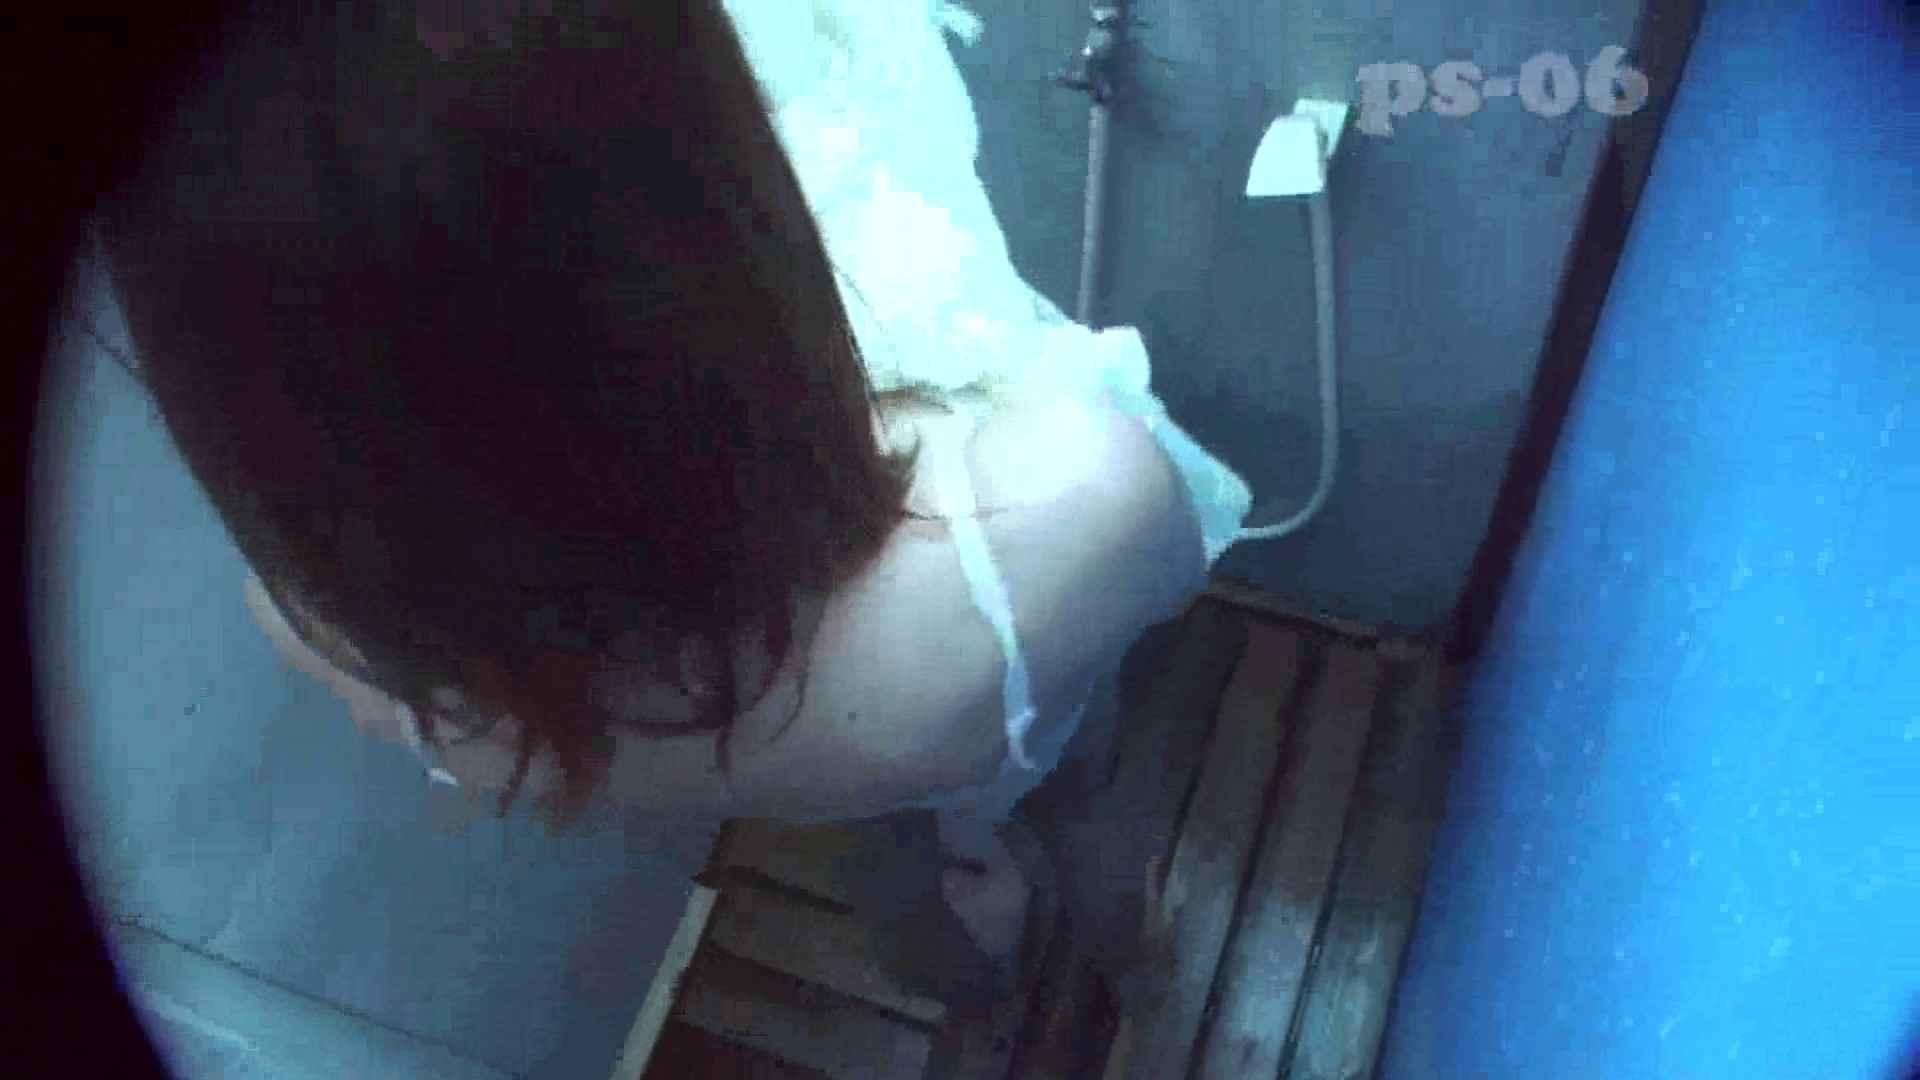 シャワールームは危険な香りVol.6(ハイビジョンサンプル版) シャワー室 アダルト動画キャプチャ 99枚 42